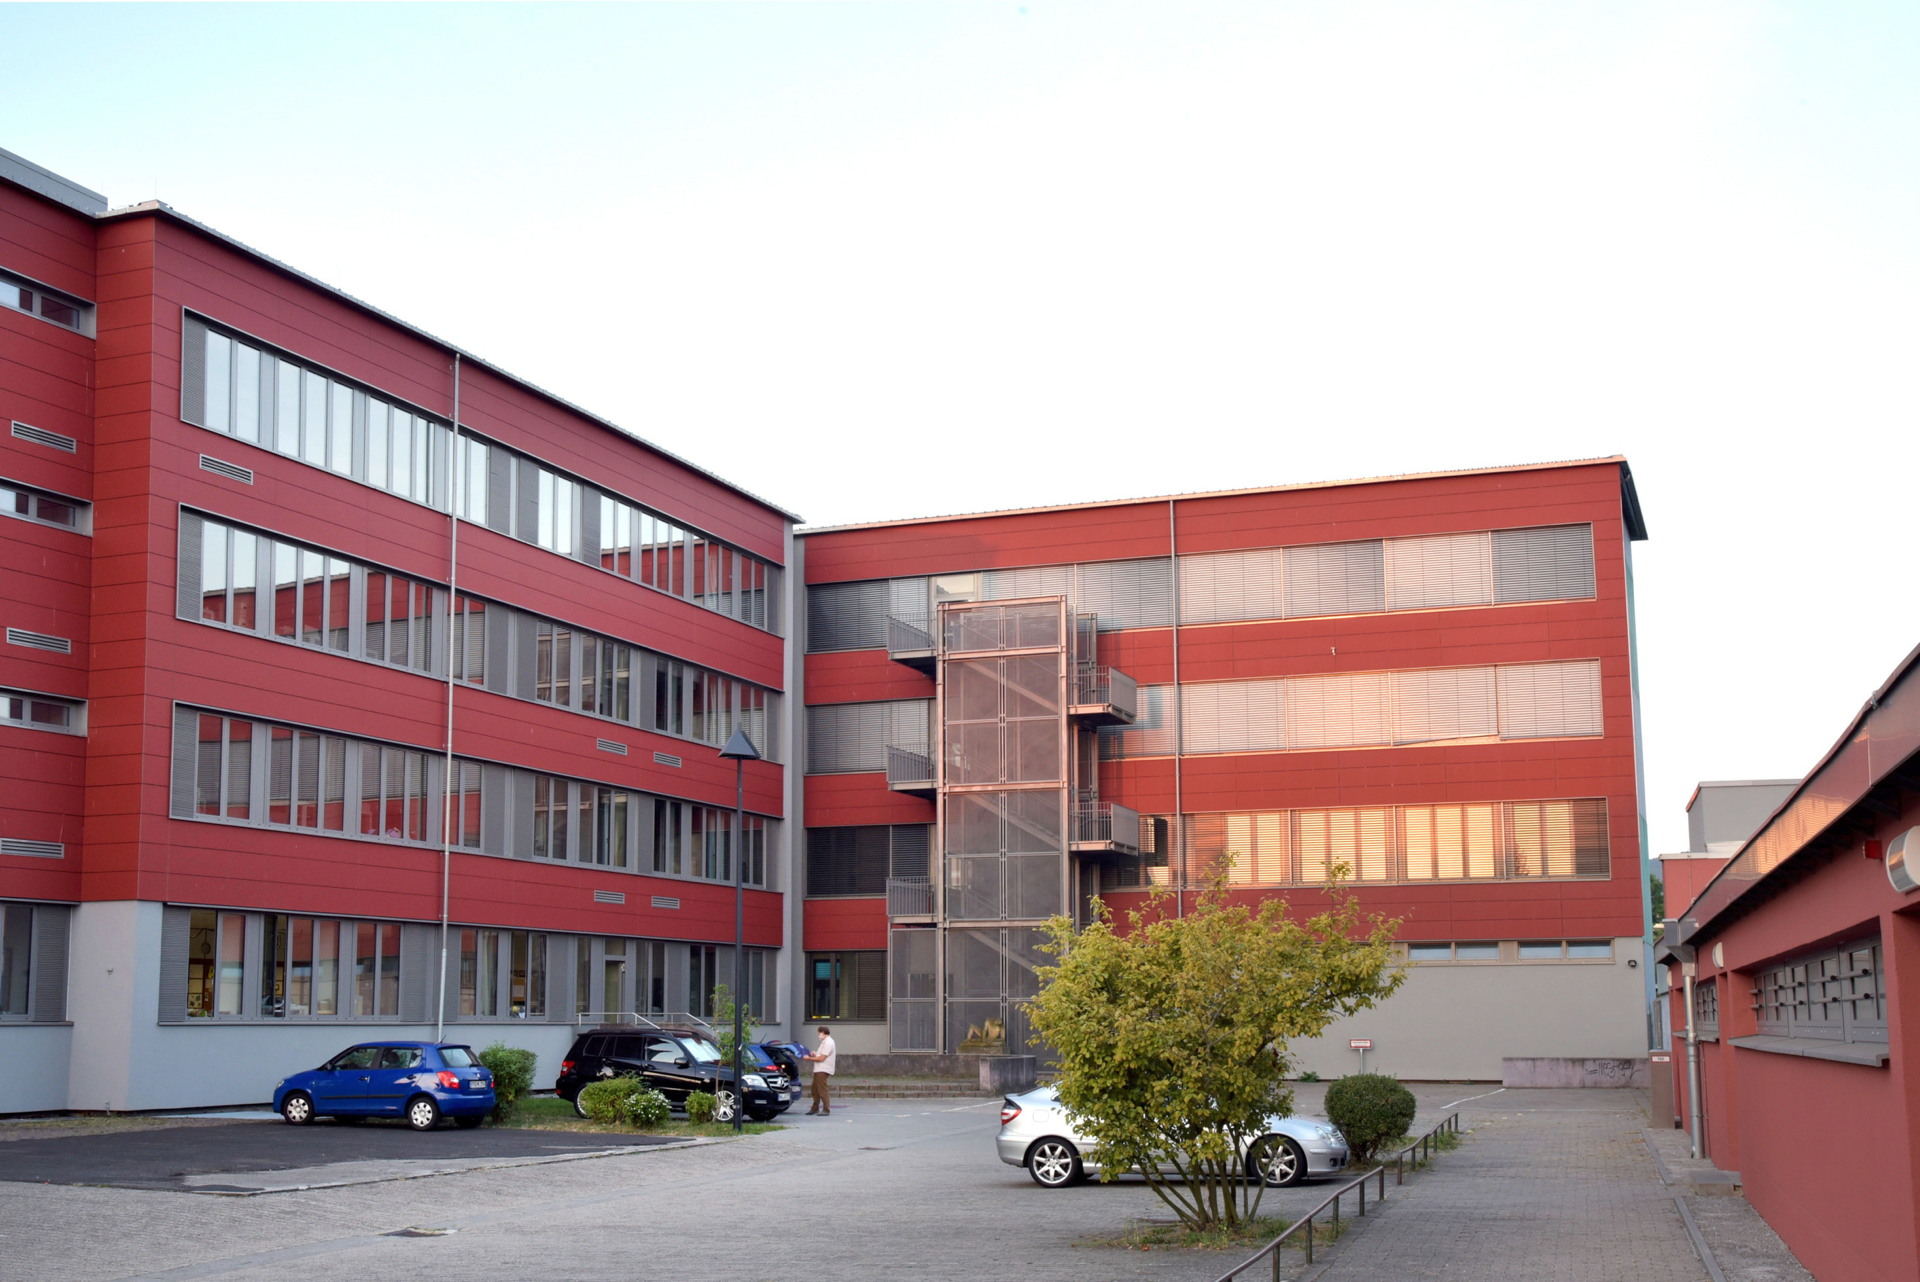 Architekt Bad Dürkheim kerbeck architekten gmbh wachenheim startartikel